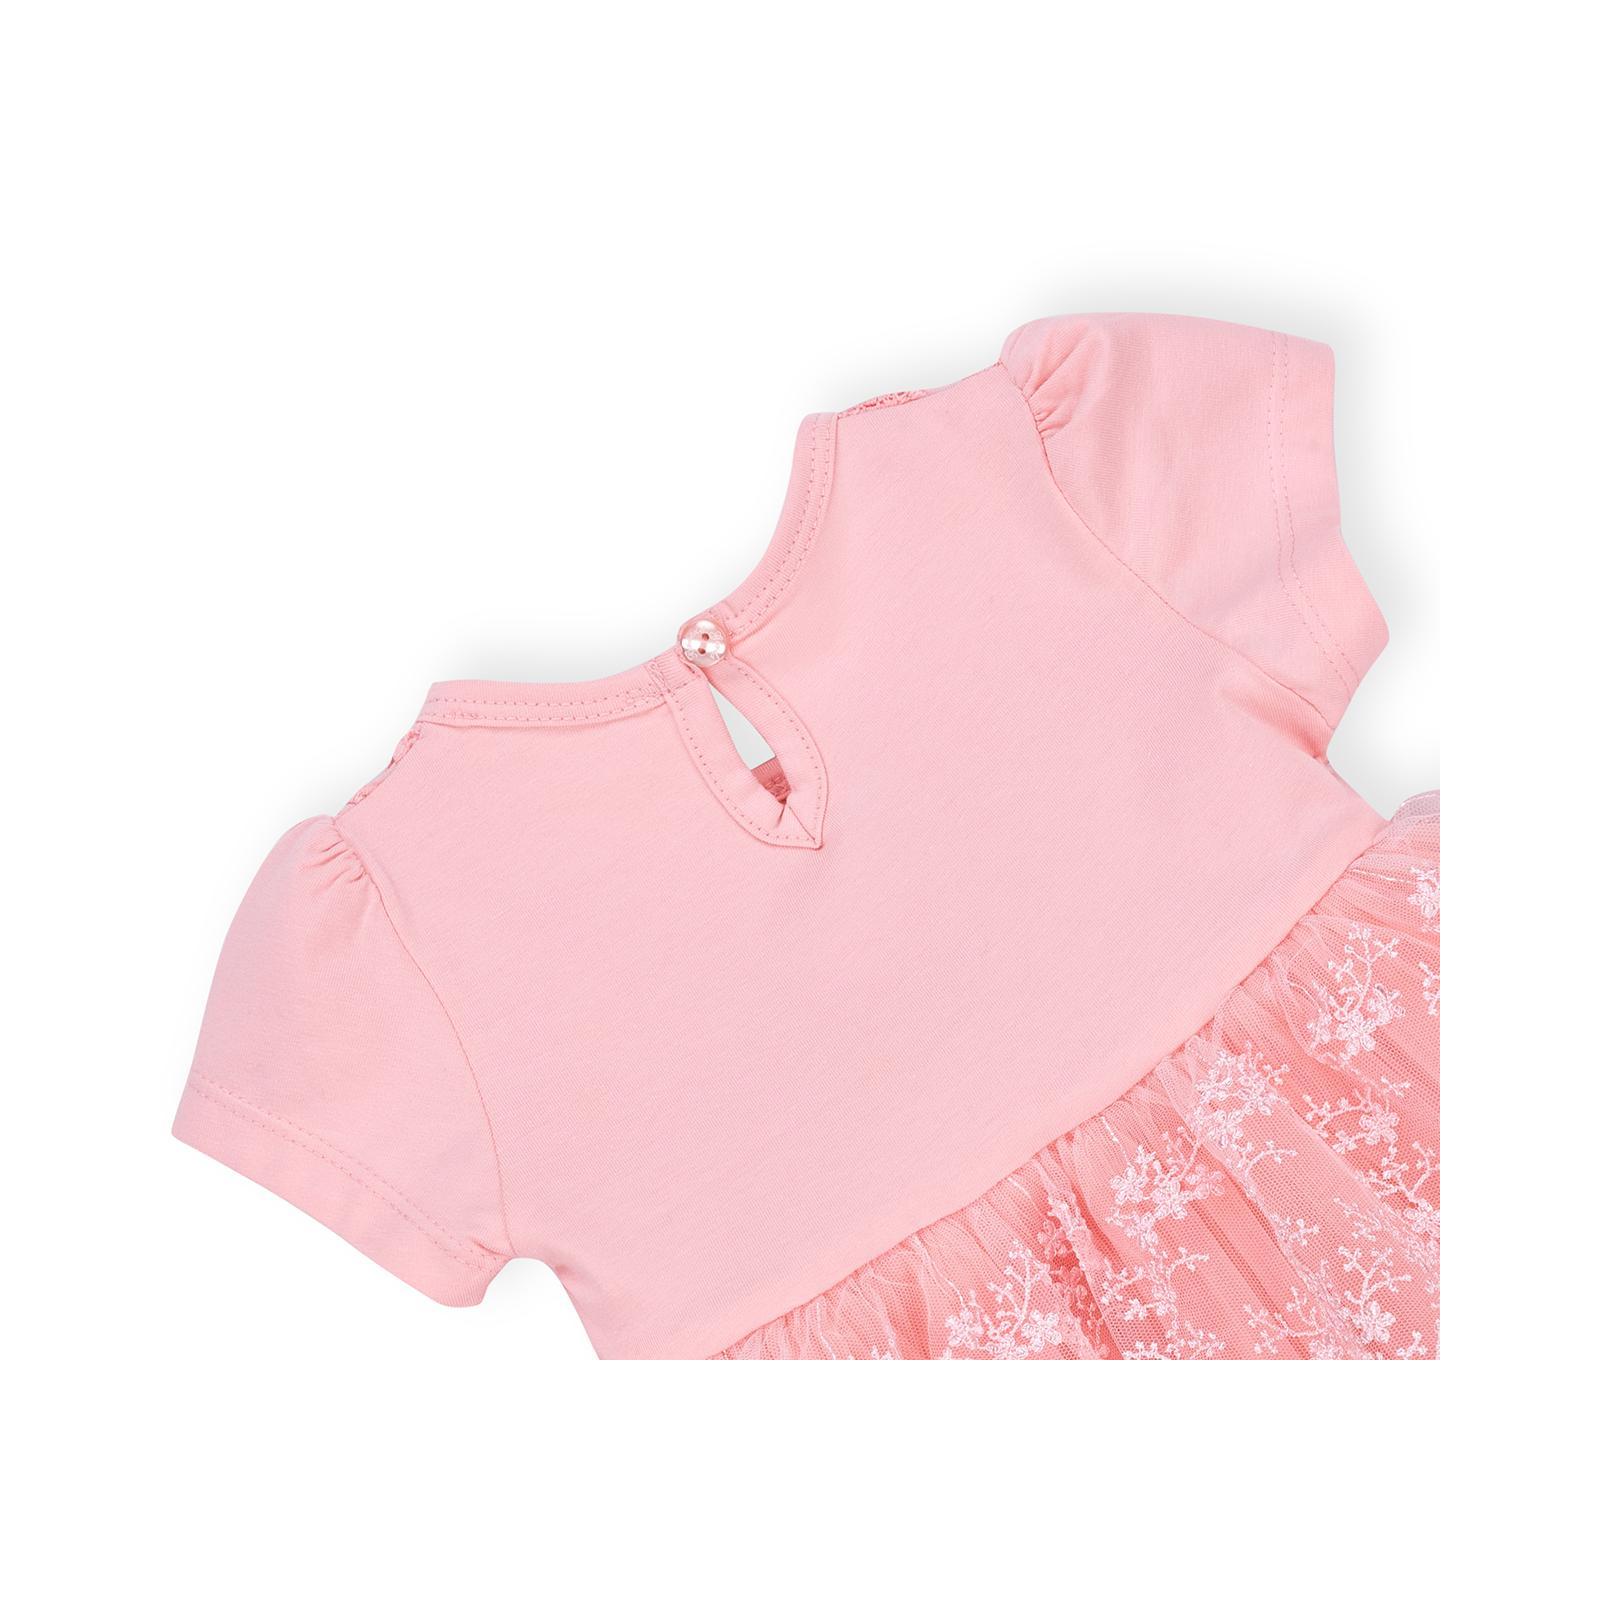 Платье Breeze кружевное с оборками (9011-80G-cream) изображение 4